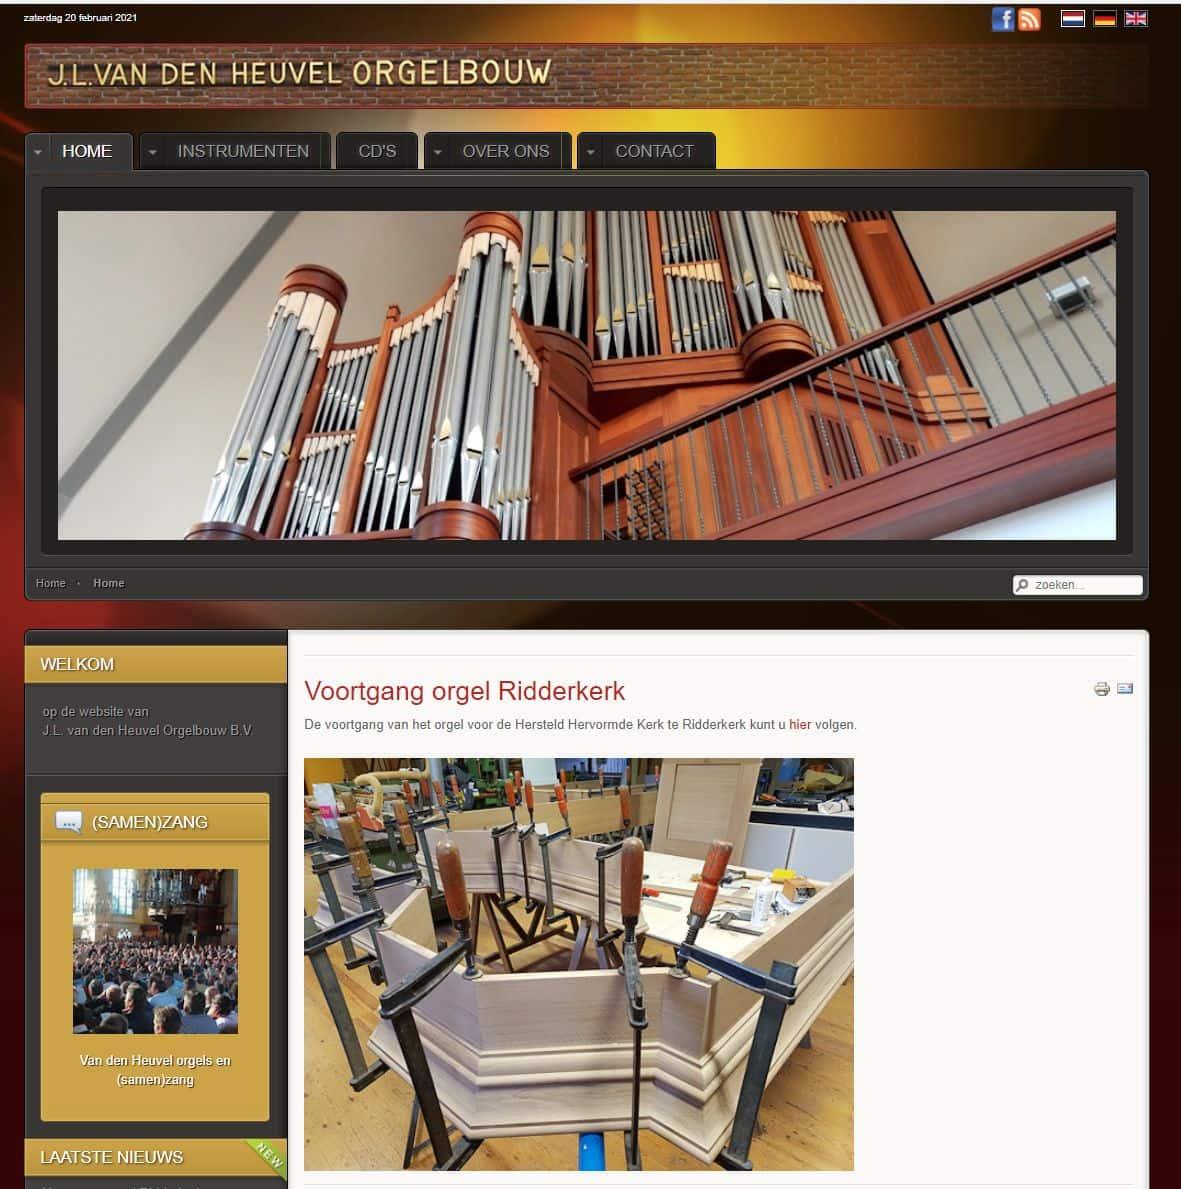 Afbeelding oude website Van den Heuvel Orgelbouw